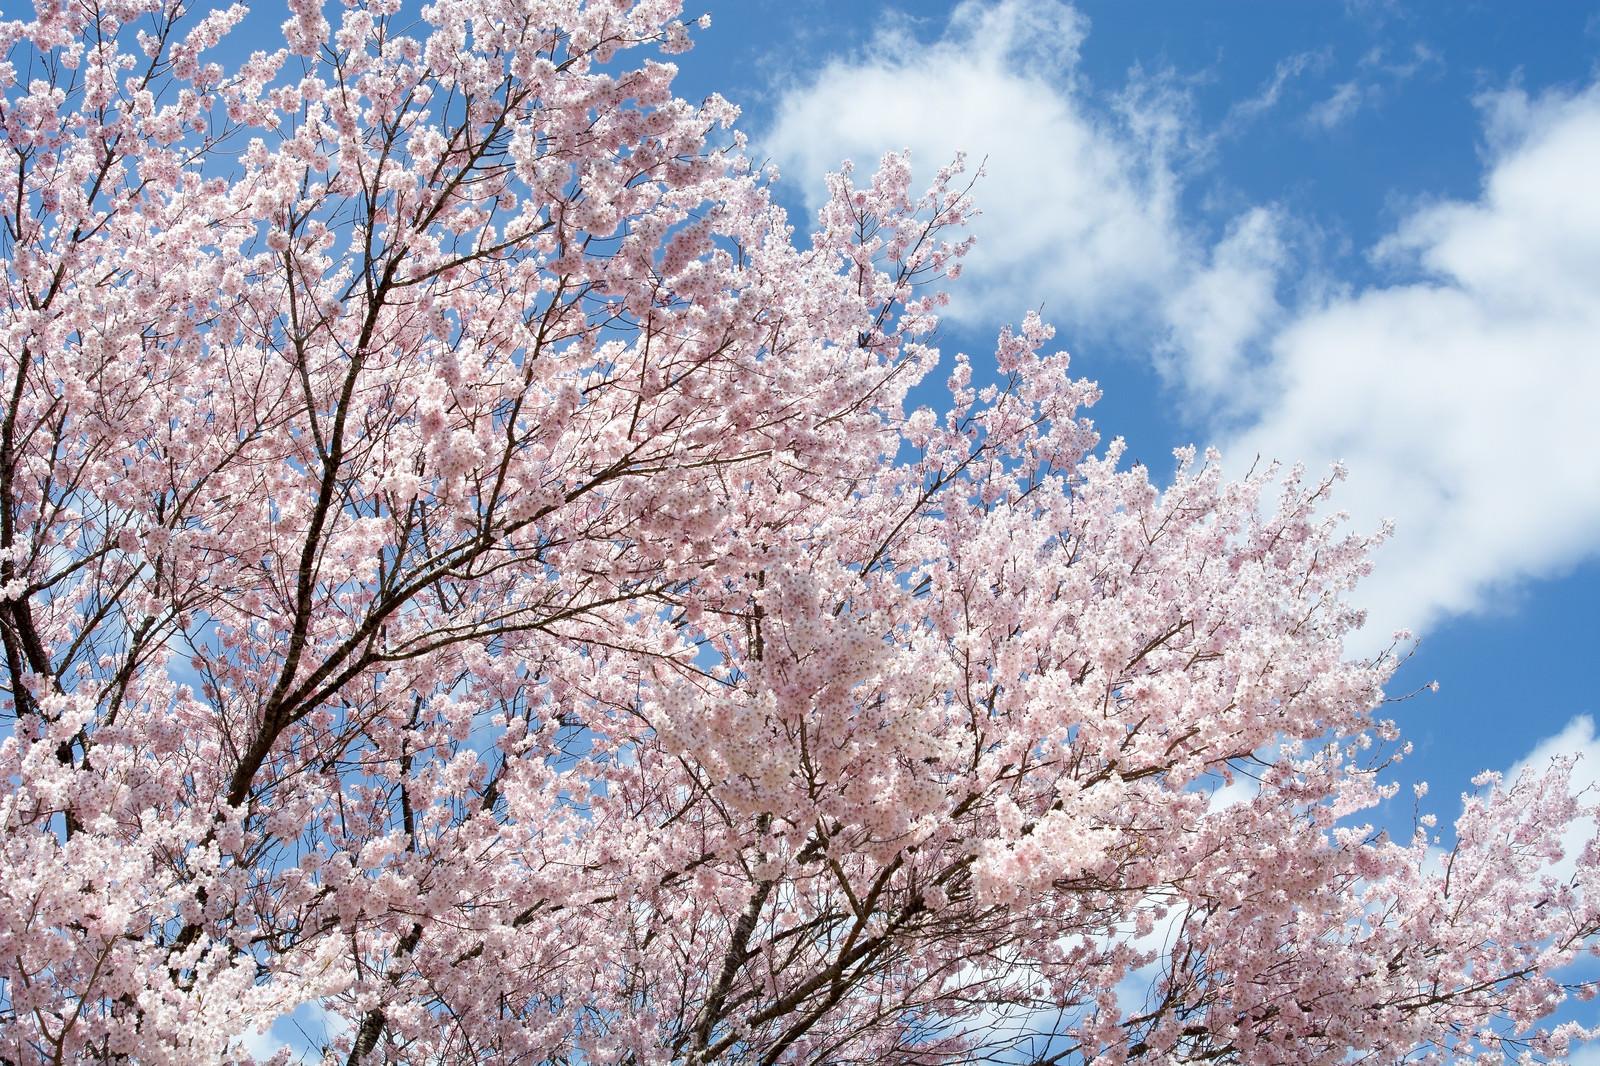 「青空と咲き誇る満開のコヒガンザクラ | 写真の無料素材・フリー素材 - ぱくたそ」の写真